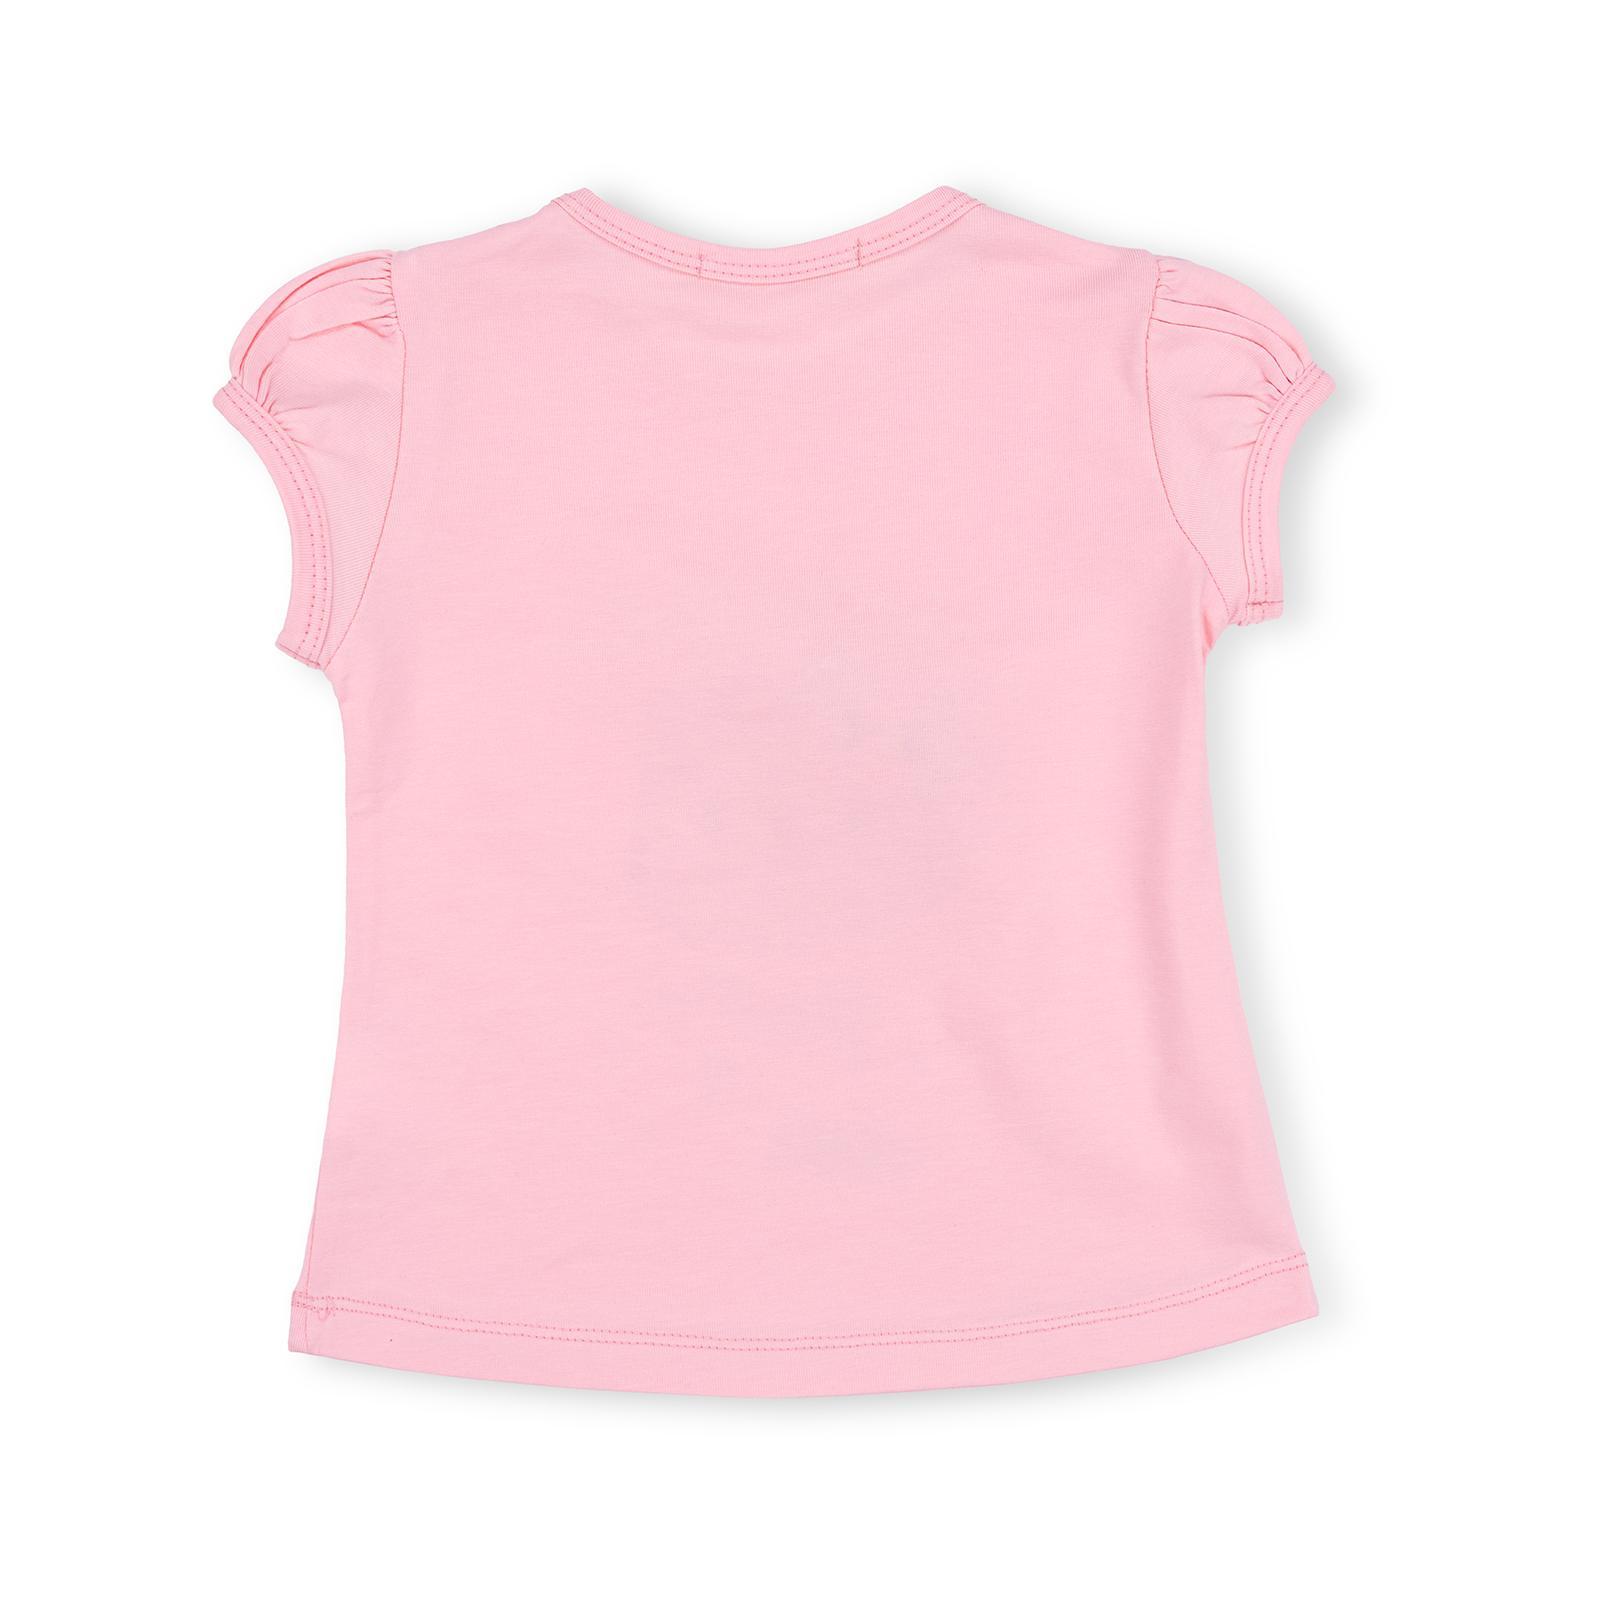 Набор детской одежды Breeze с котиками (7493-98G-pink) изображение 5